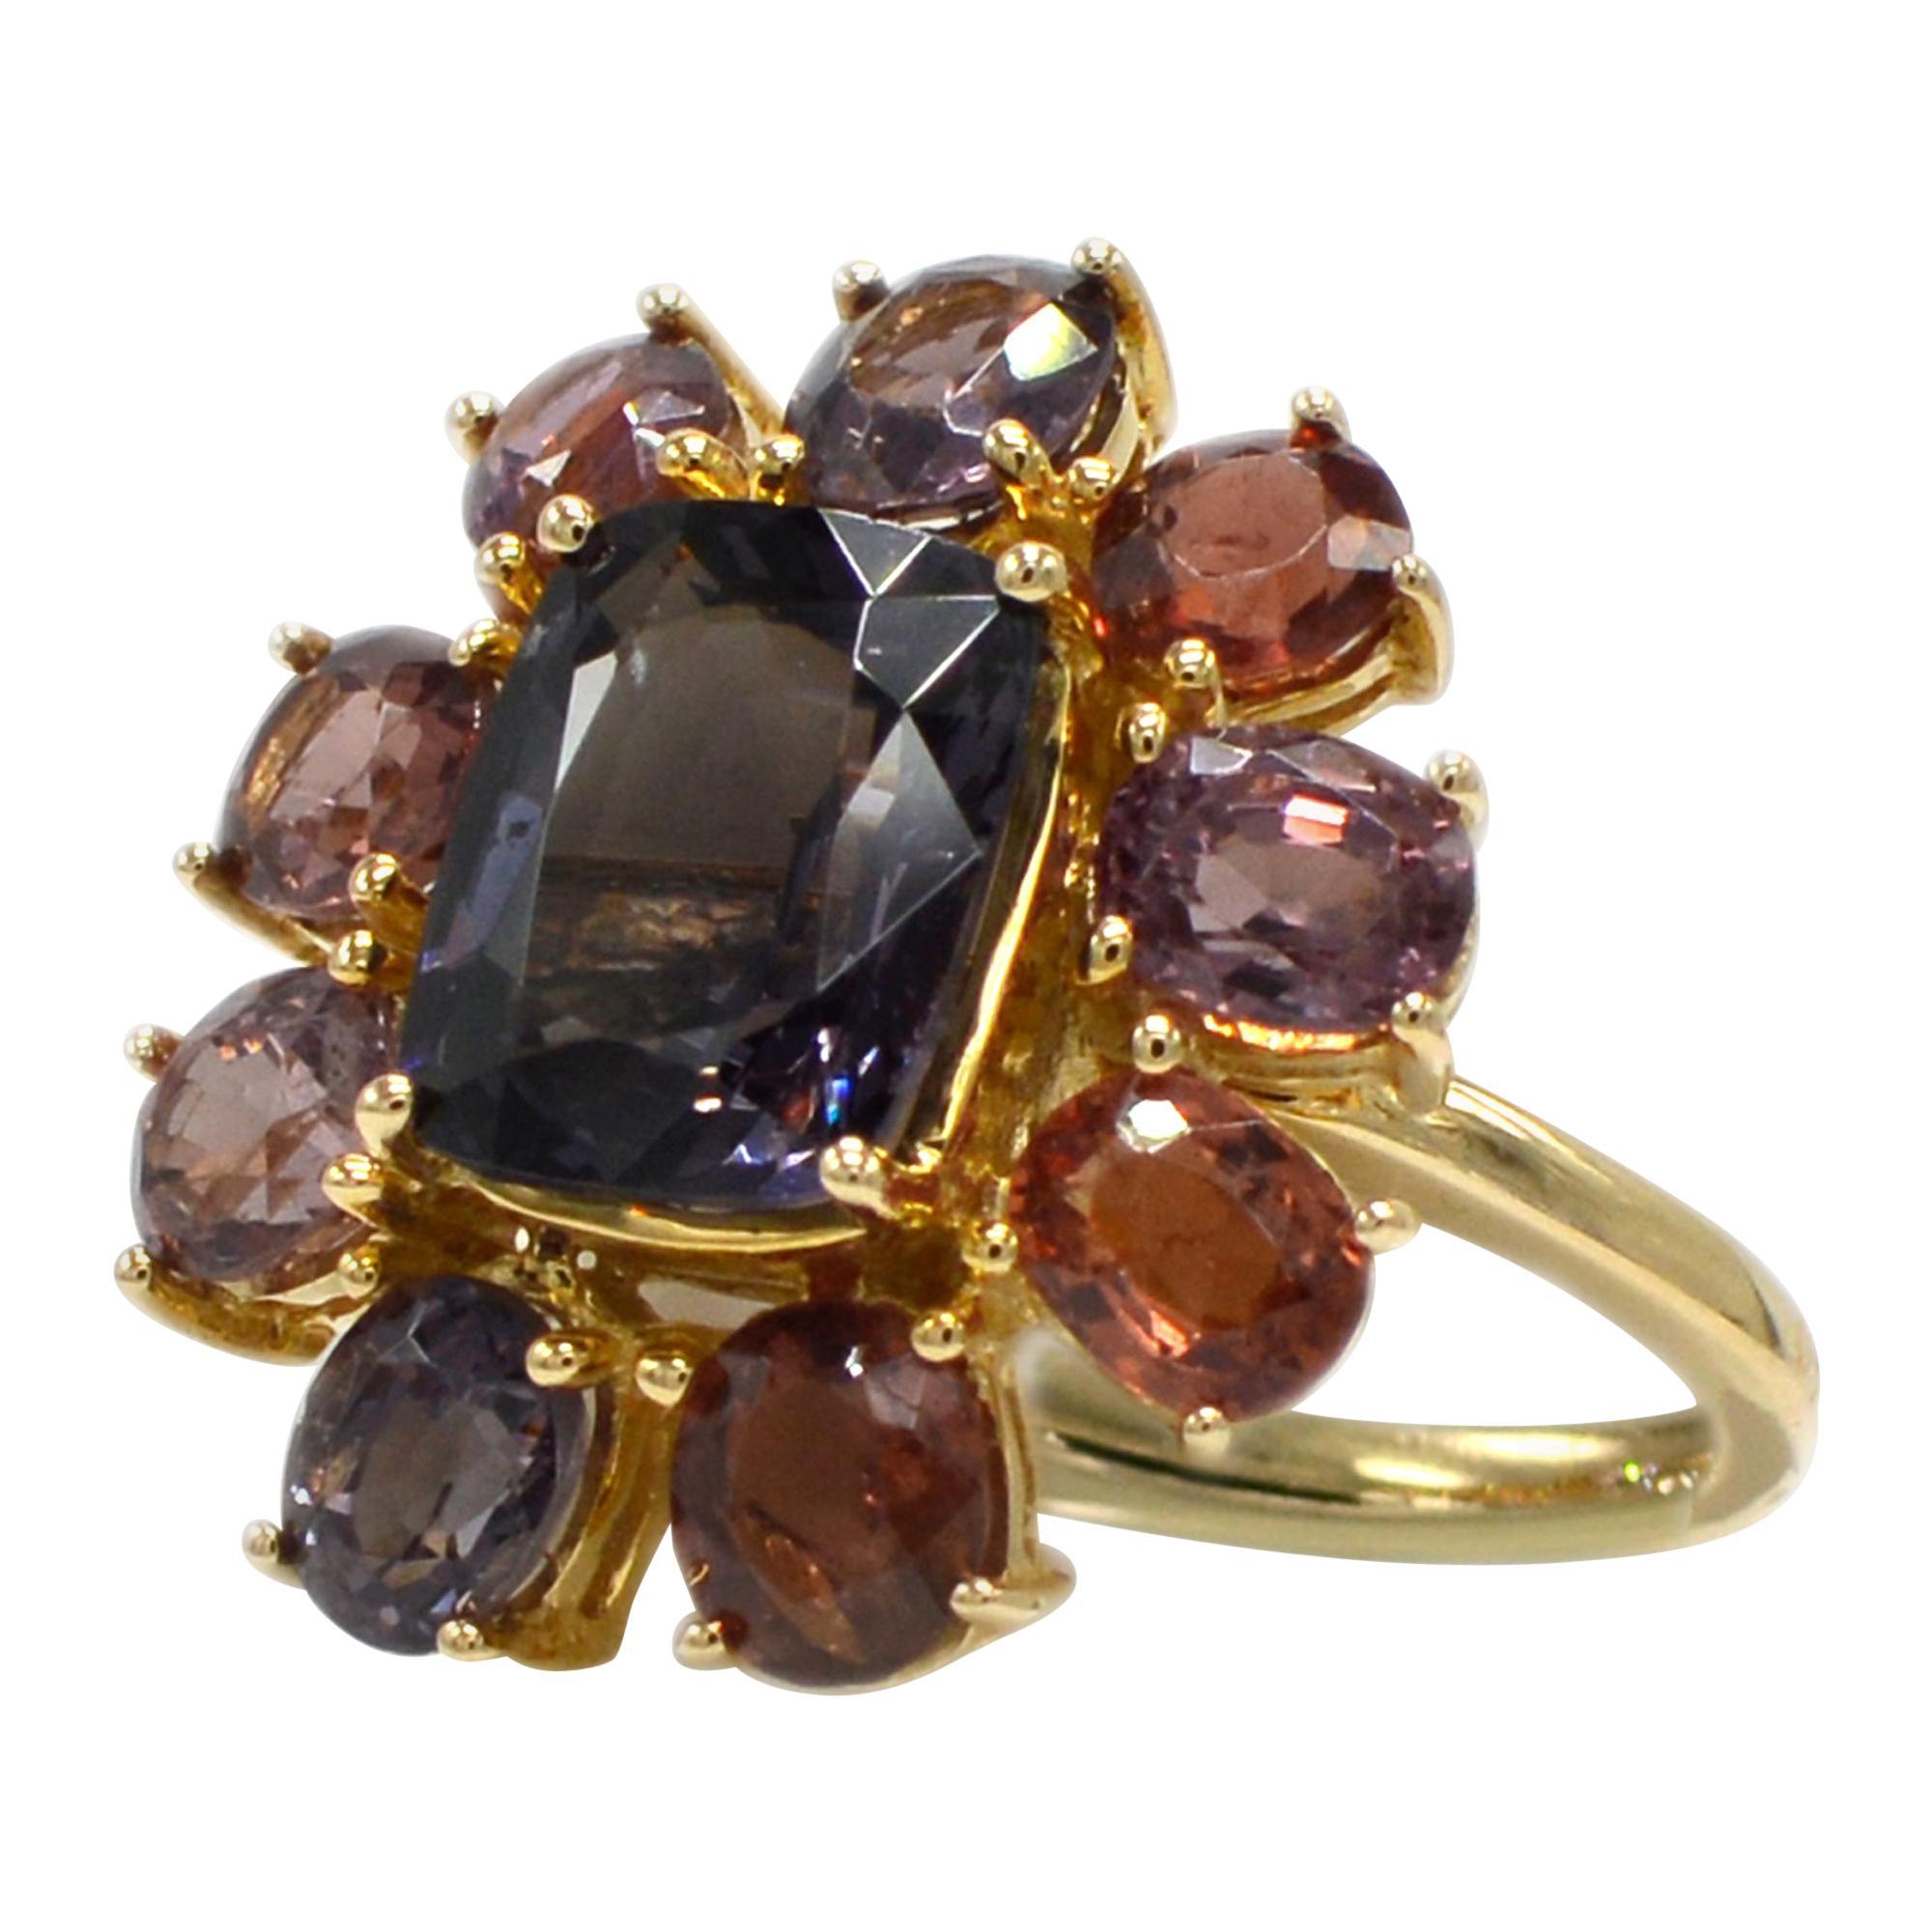 Spinel Cocktail Ring 14 Karat Rose Gold Mix Color Spinel Gemstones